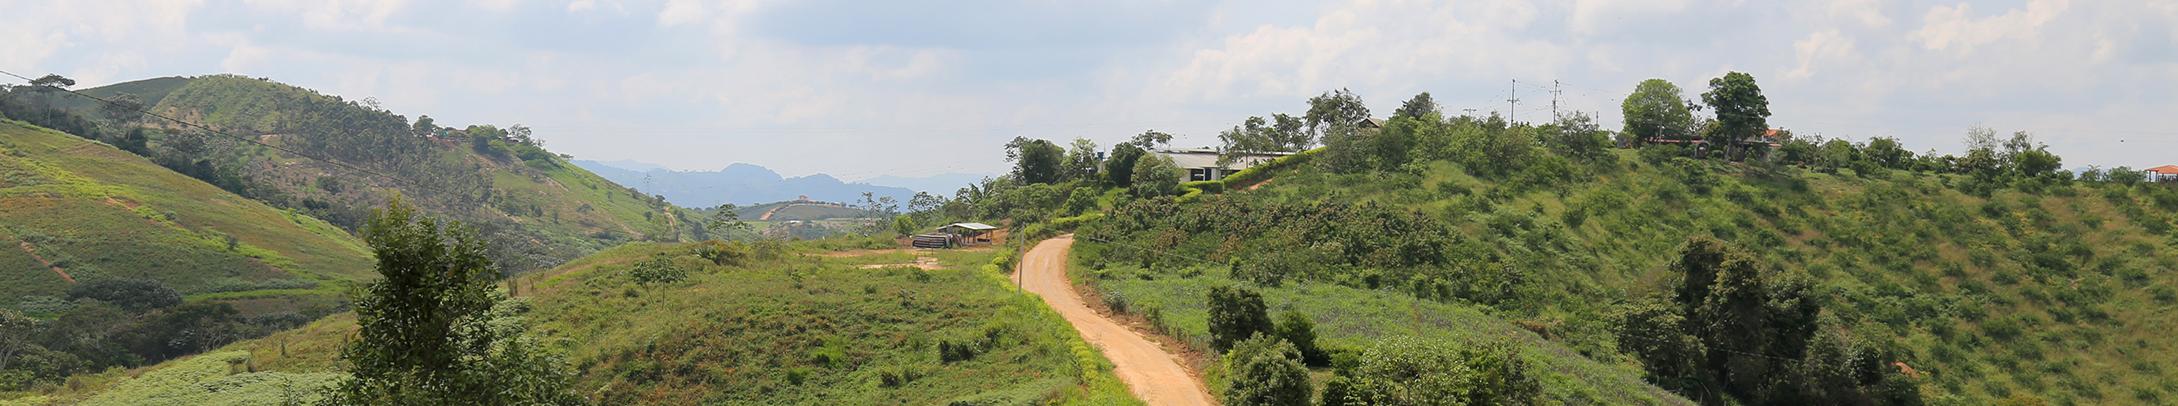 Grafica a lusiva a  Las represas como factor de despojo de tierras y territorios campesinos: El caso del campesinado del Huila frente al Proyecto Hidroeléctrico El Quimbo